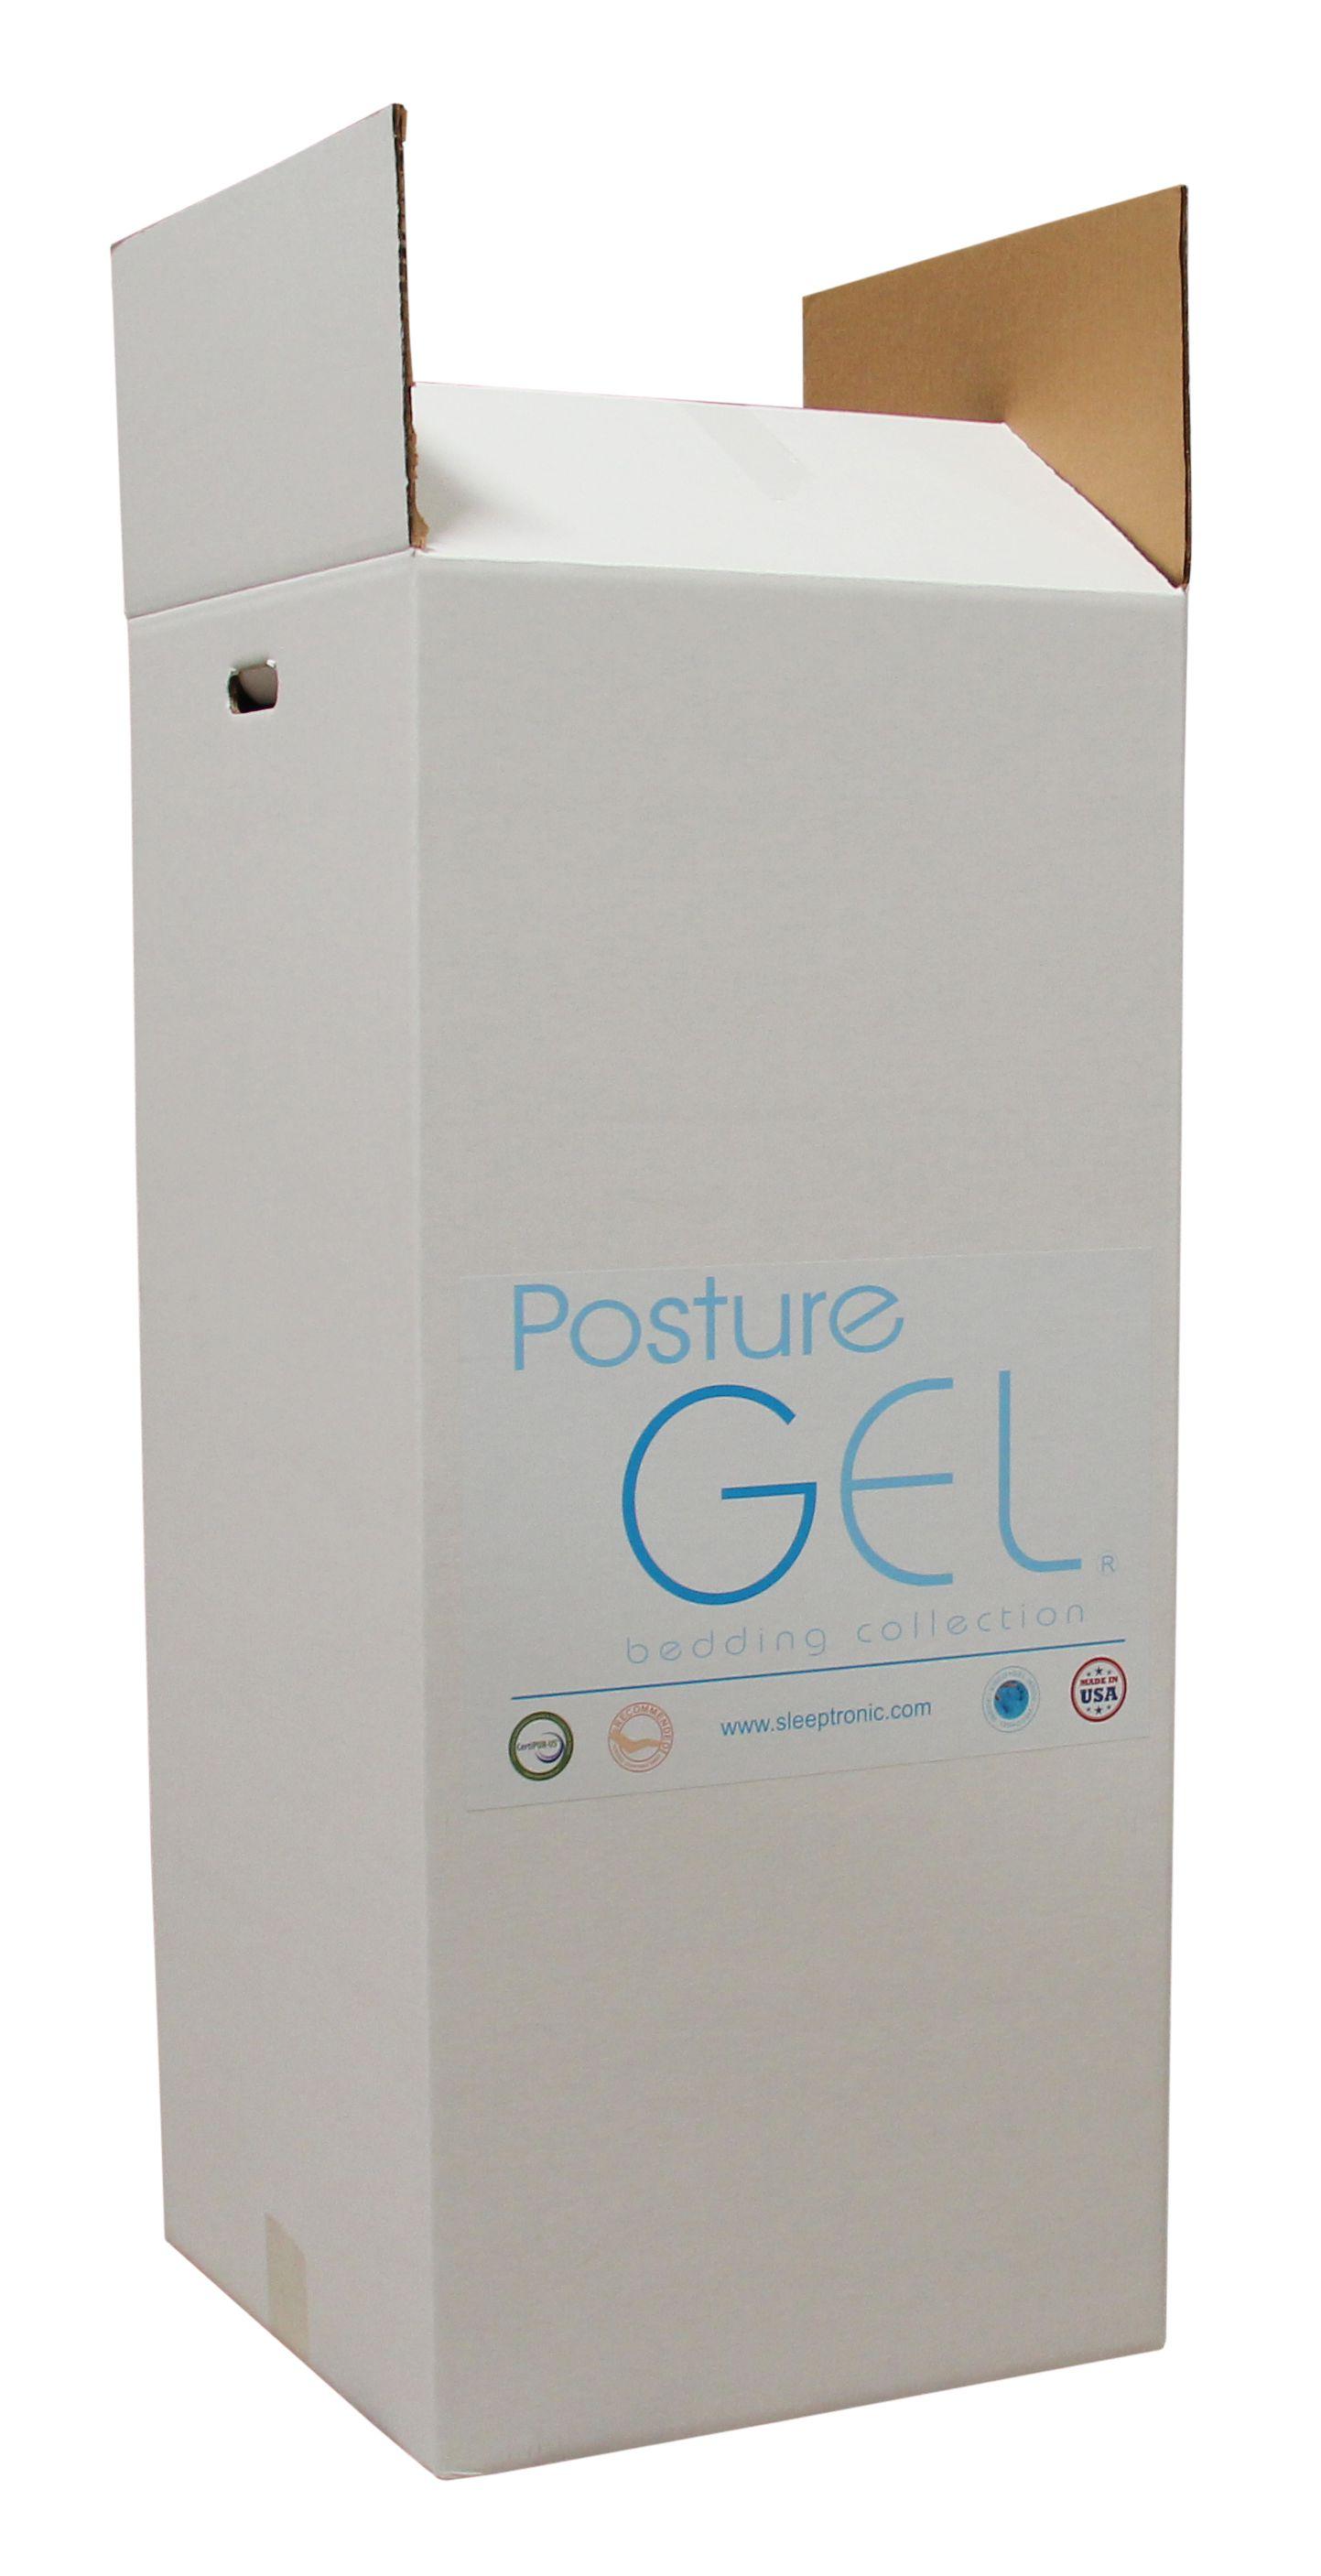 PostureGel Box